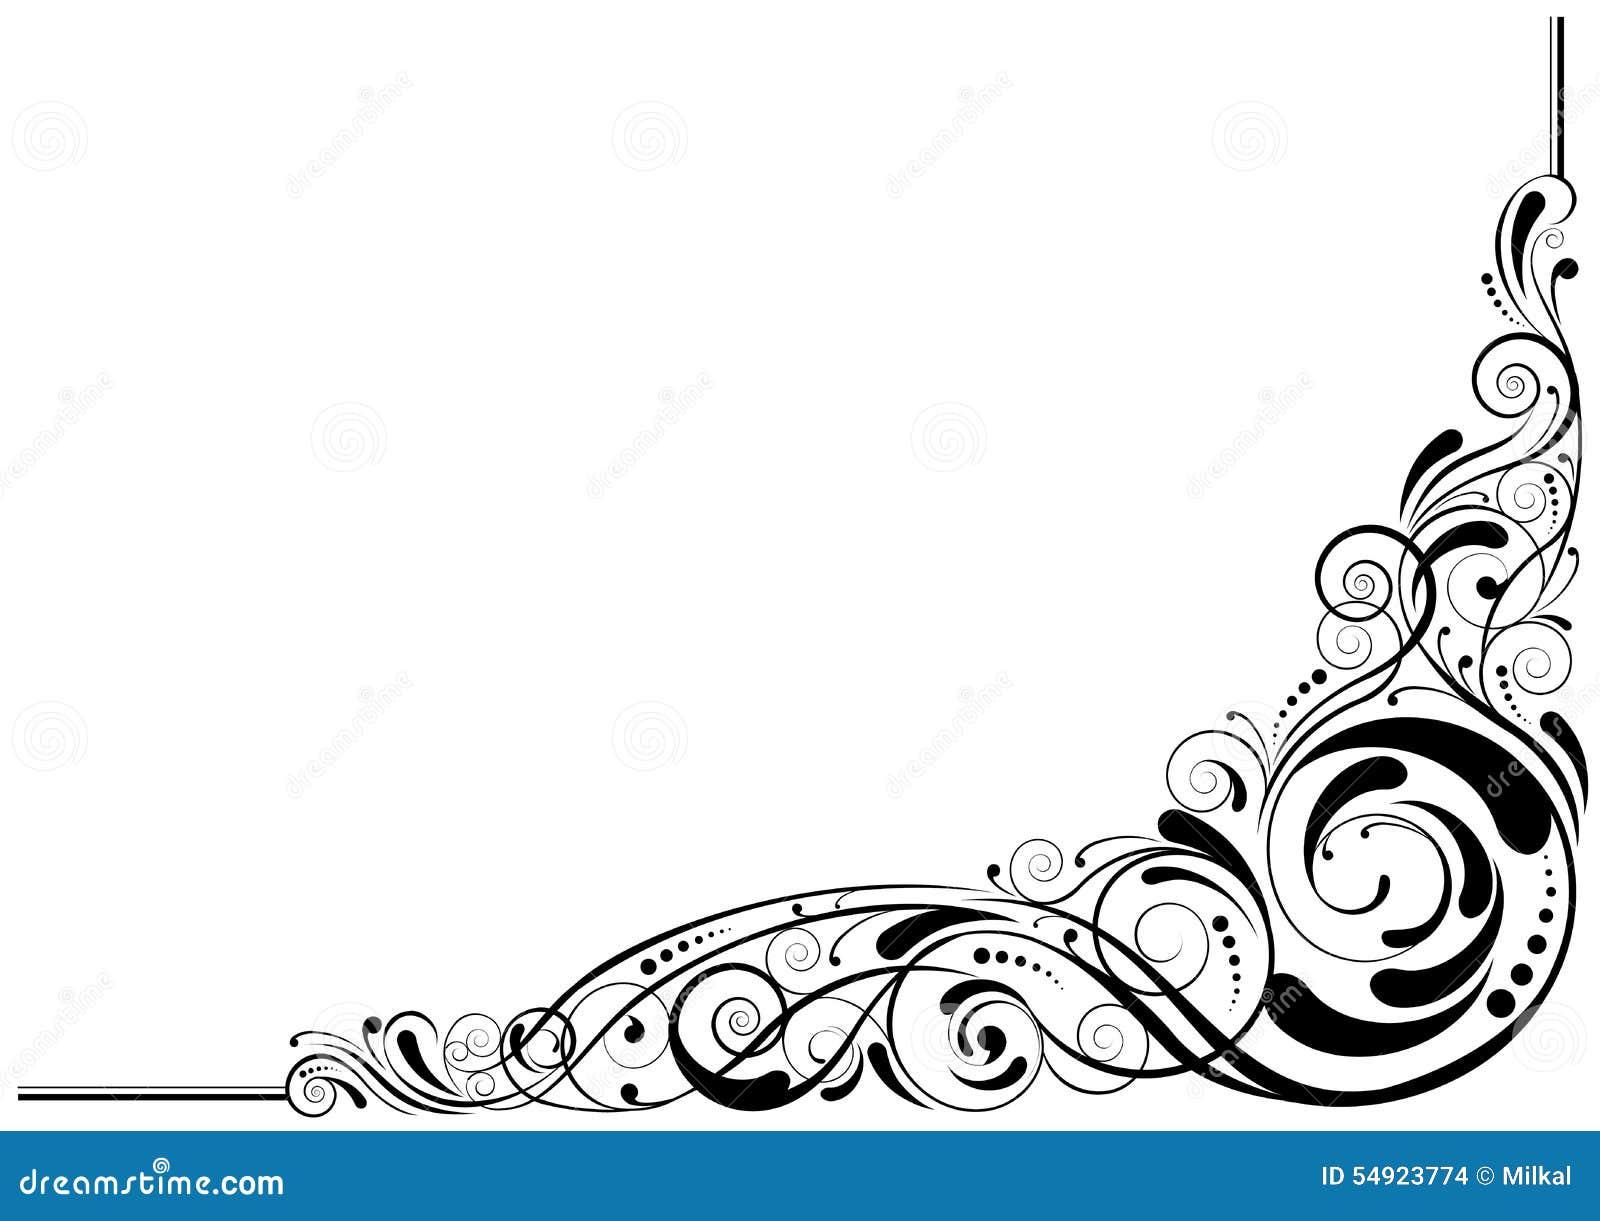 retro corner design stock vector illustration of color